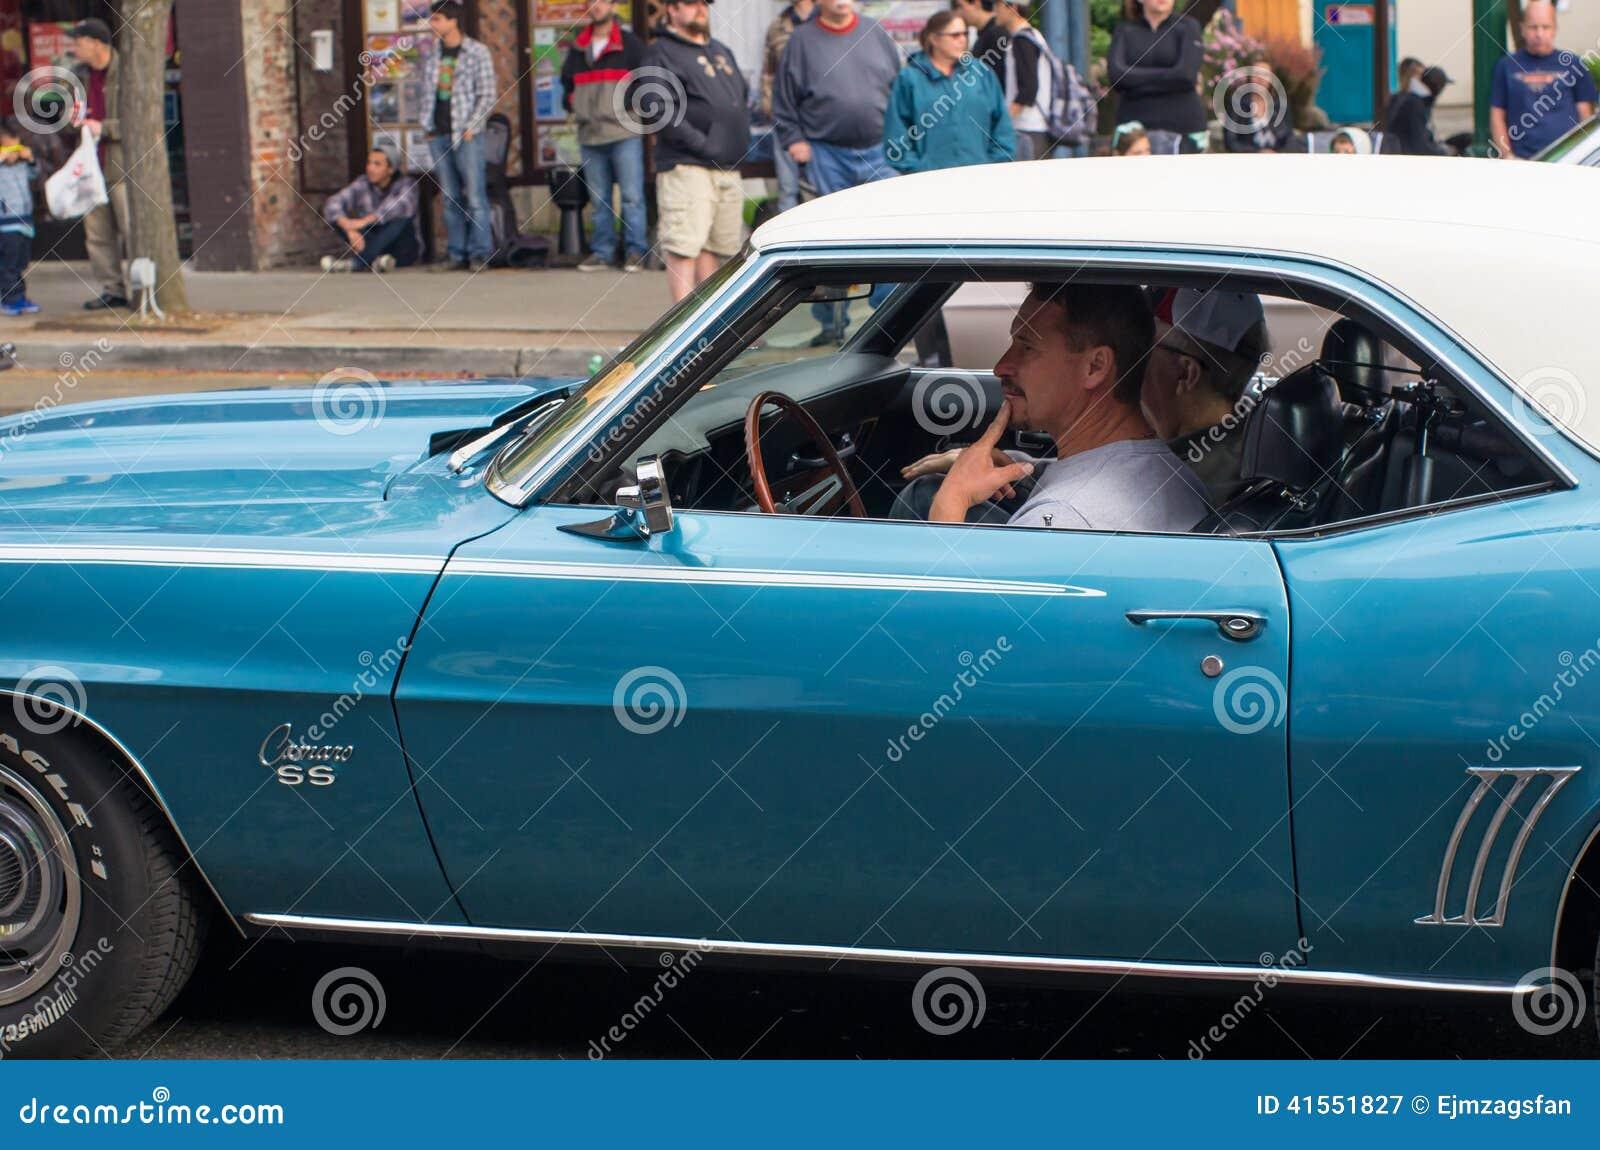 Coeur D Alene Car Show